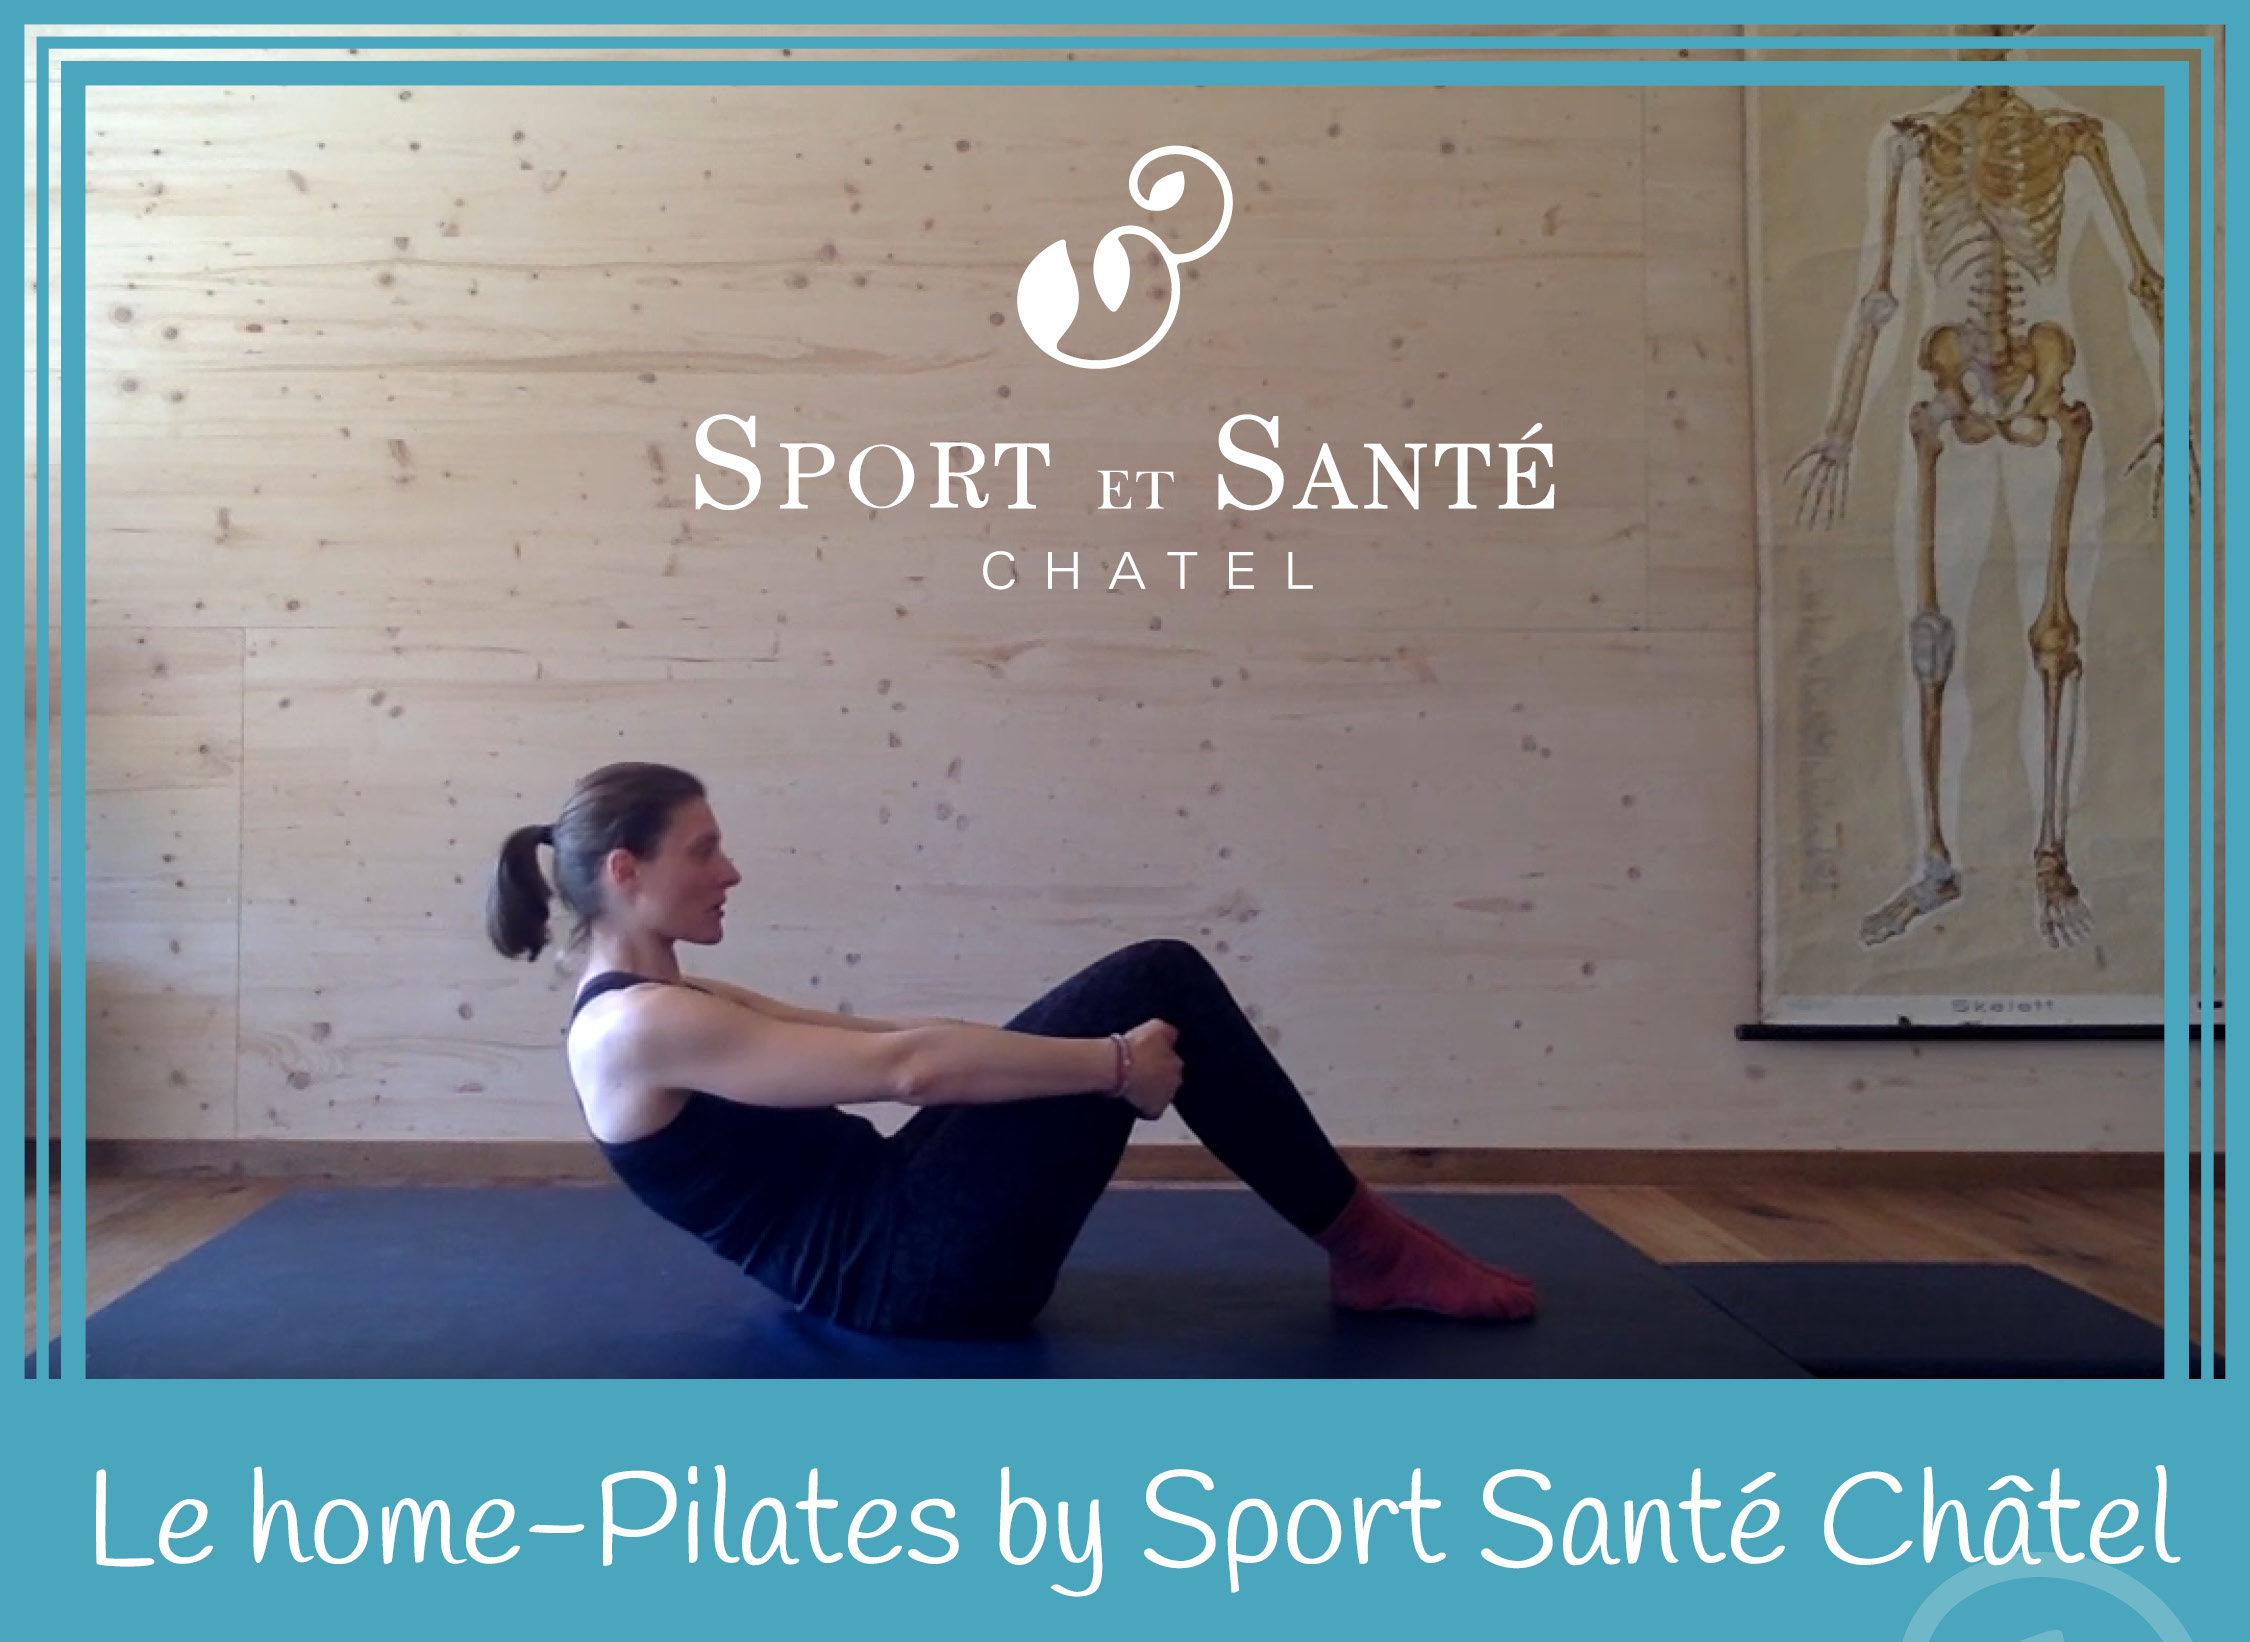 Le home-Pilates by Sport Santé Châtel